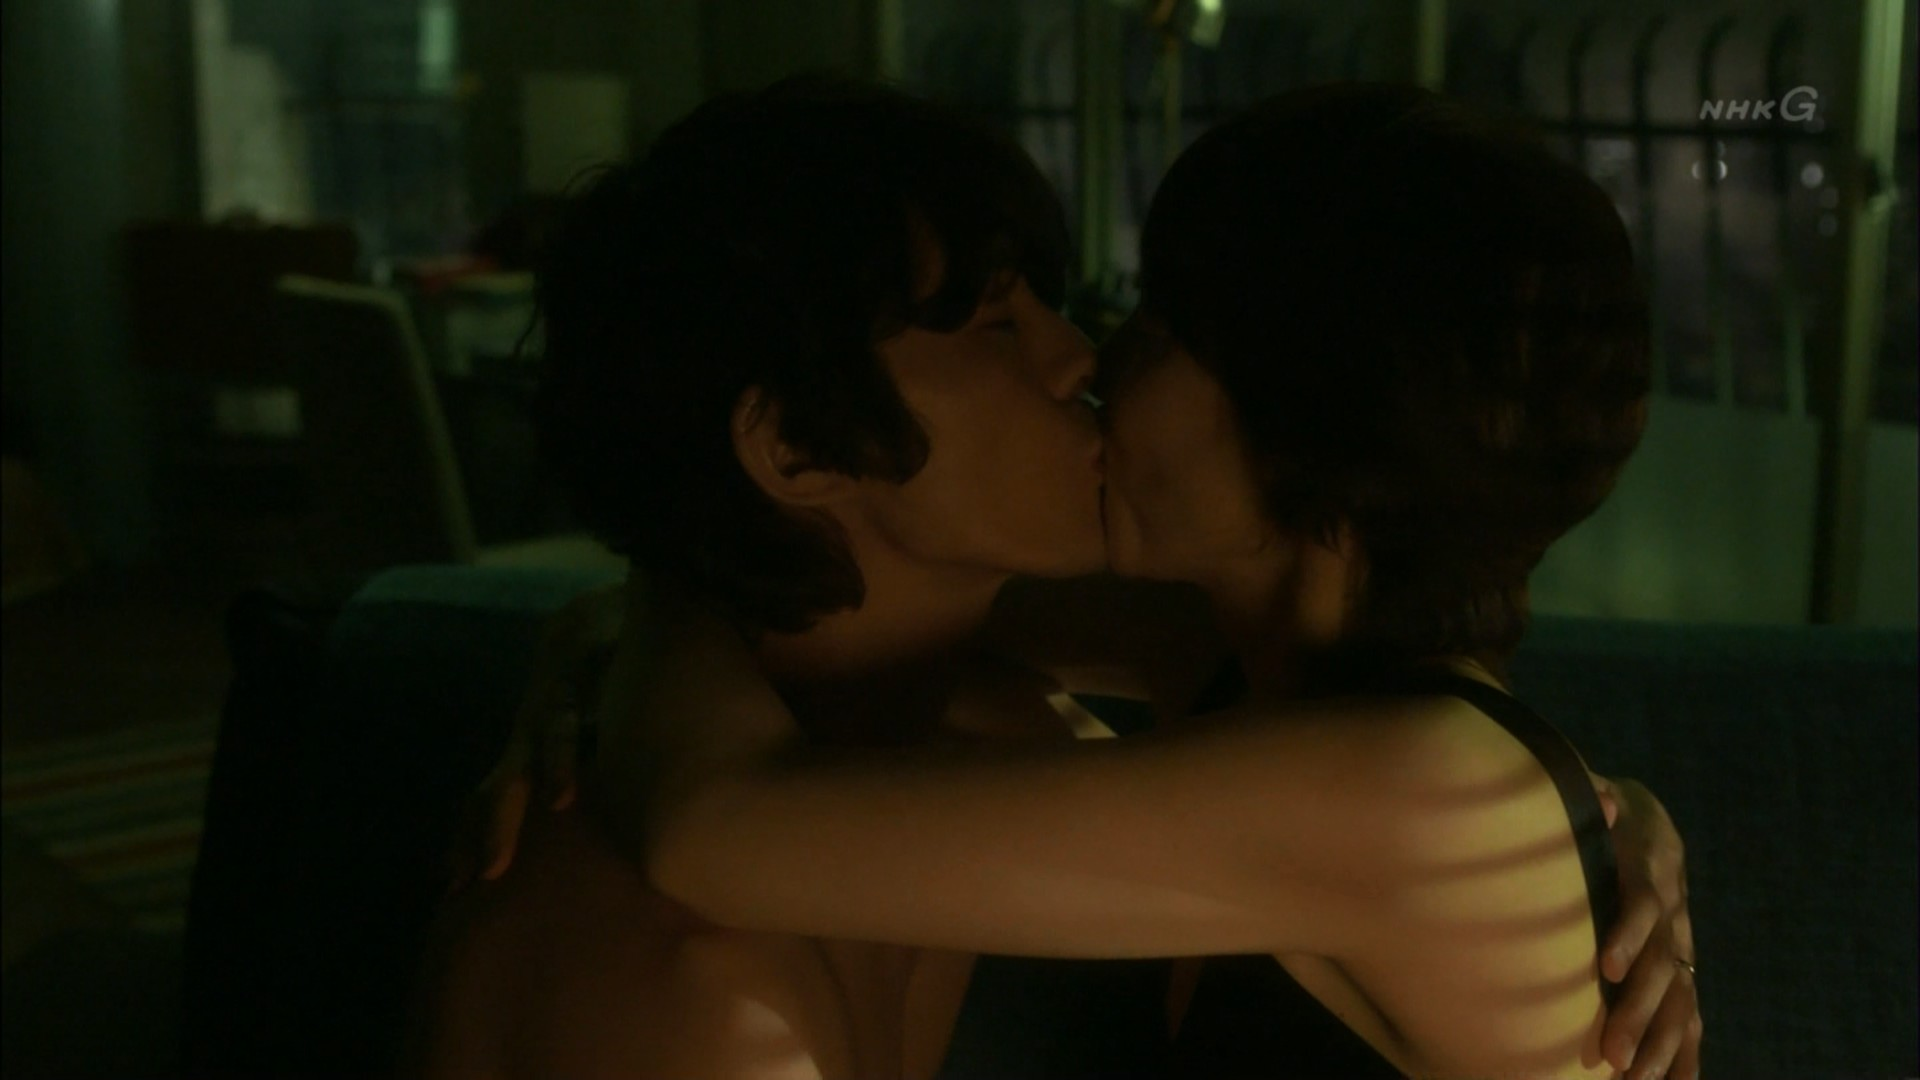 石田ゆり子 NHKのドラマで濃厚ラブシーンキャプ・エロ画像9